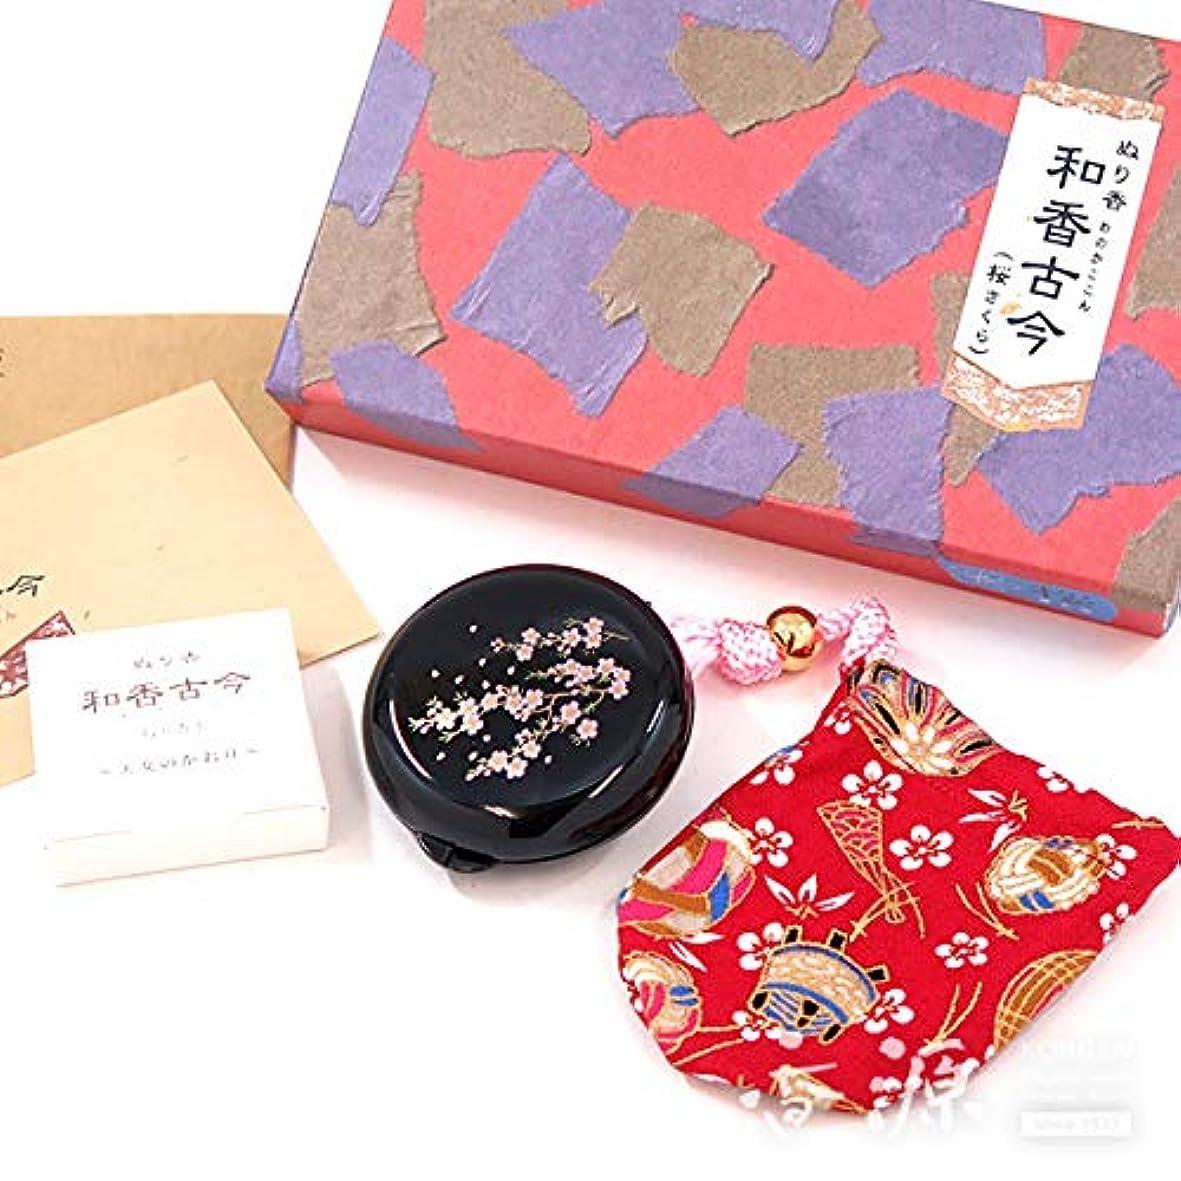 好意ピストンチューブ長川仁三郎商店のお香 和香古今(わのかここん)天女の香り 桜(黒のコンパクト)?赤の巾着のセット